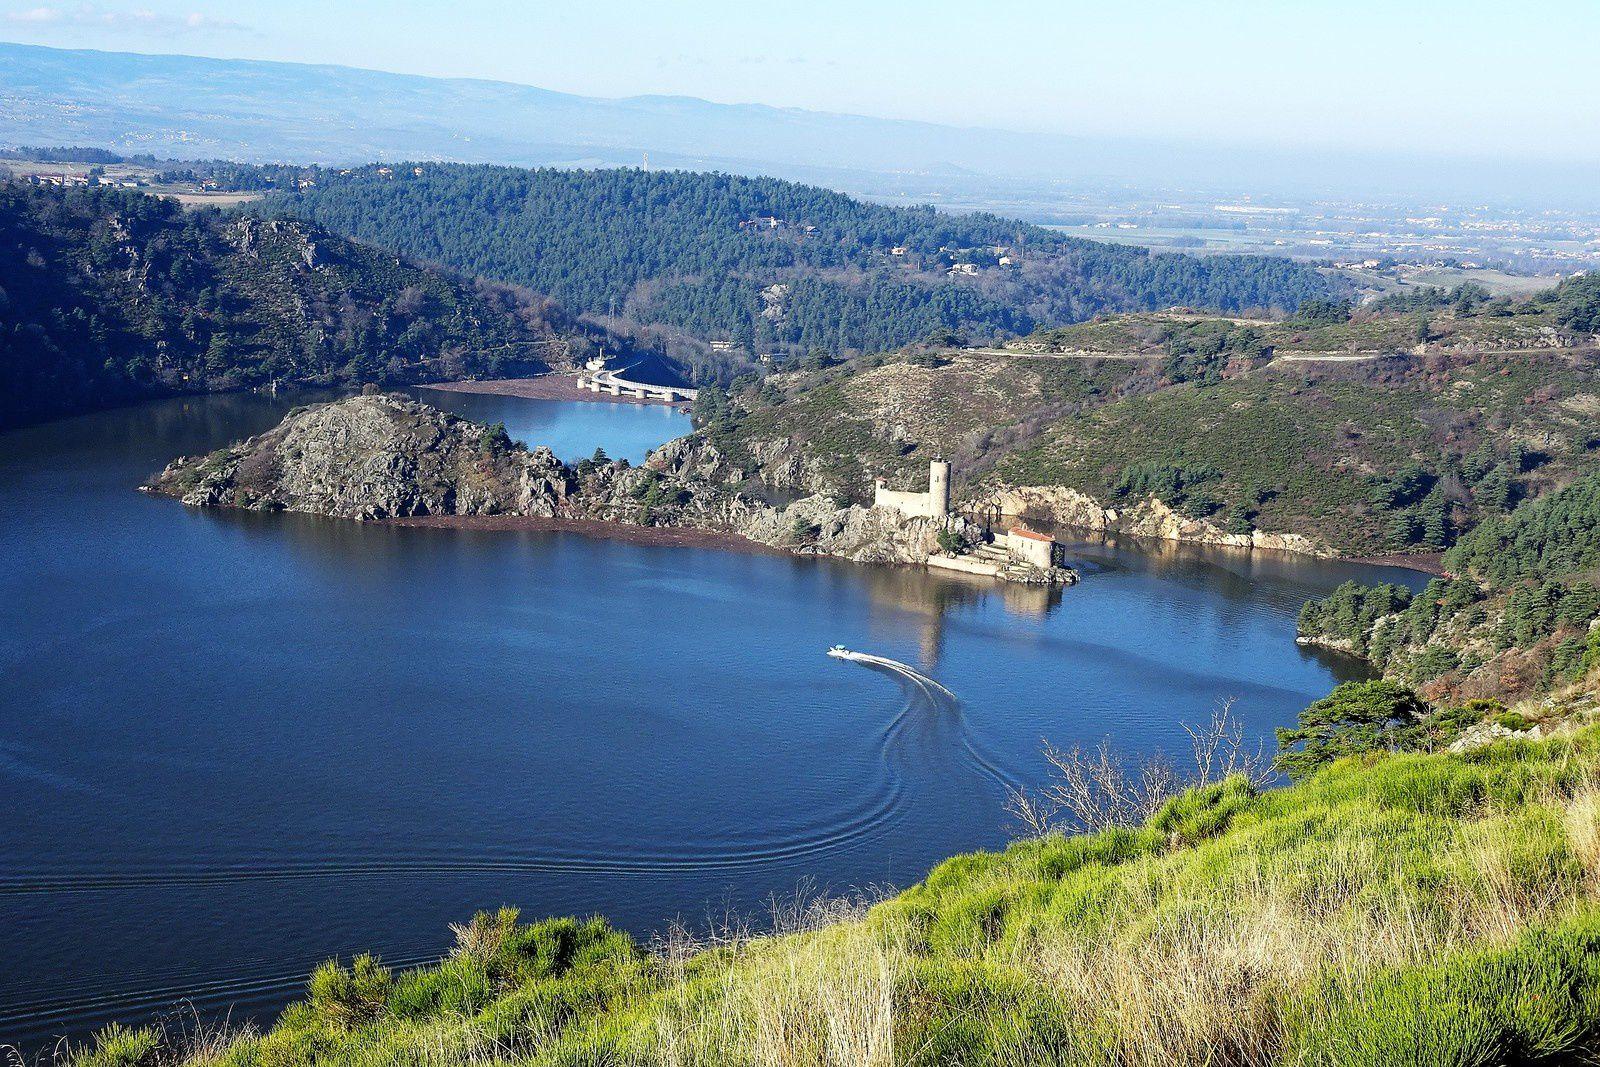 Vue sur le barrage et la presqu'île, un bateau s'amuse à faire des ronds dans l'eau.